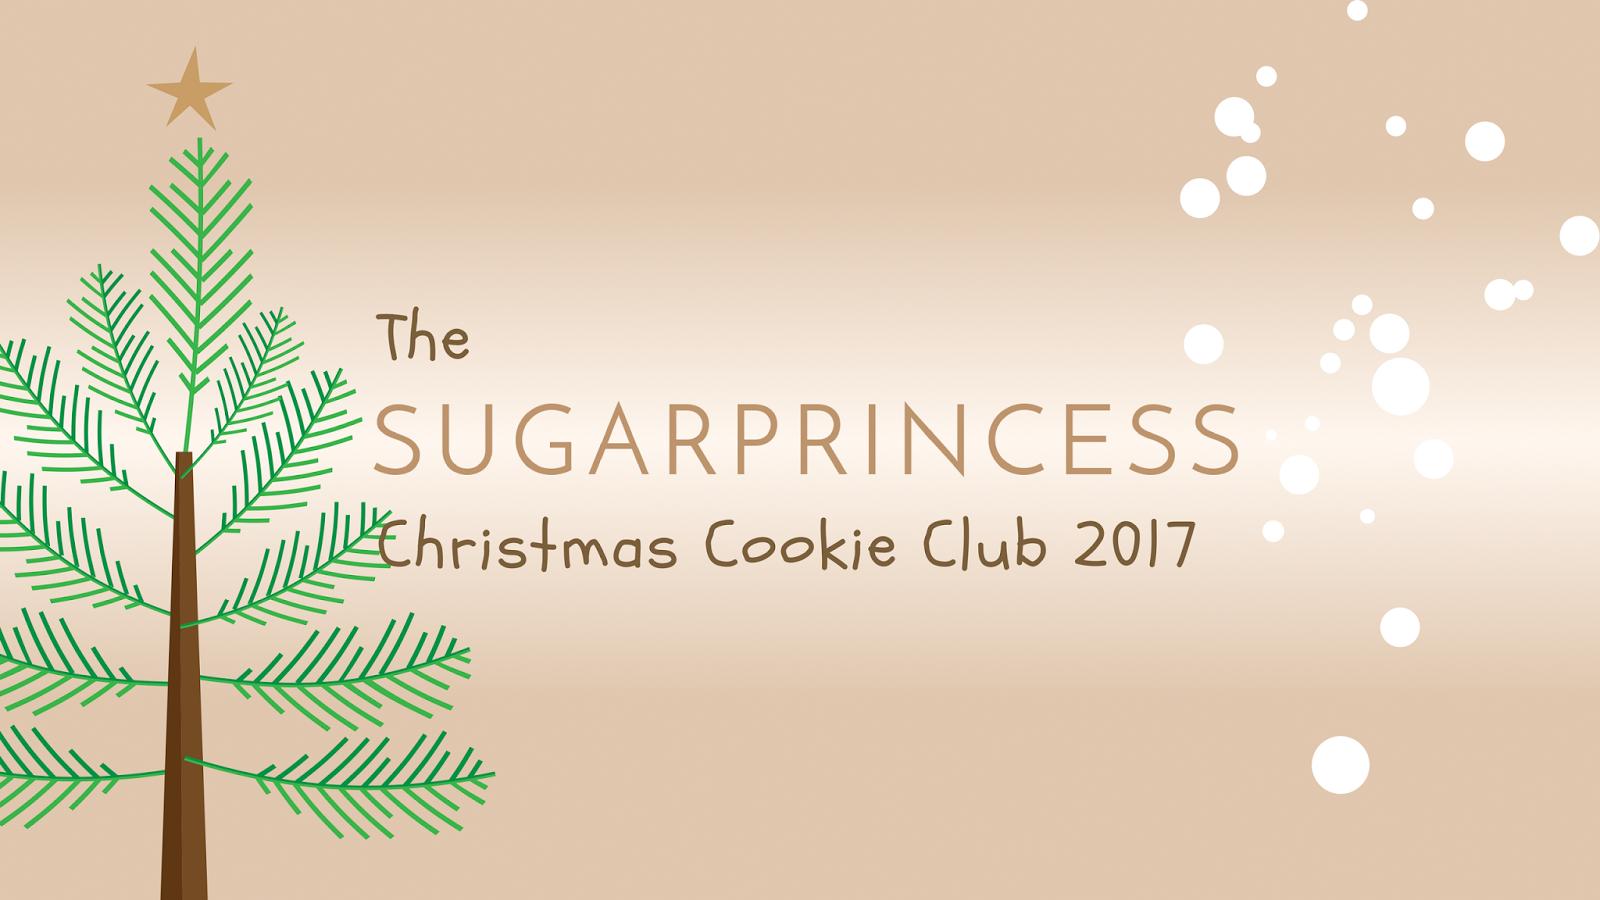 The Sugarprincess Christmas Cookie Club 2017